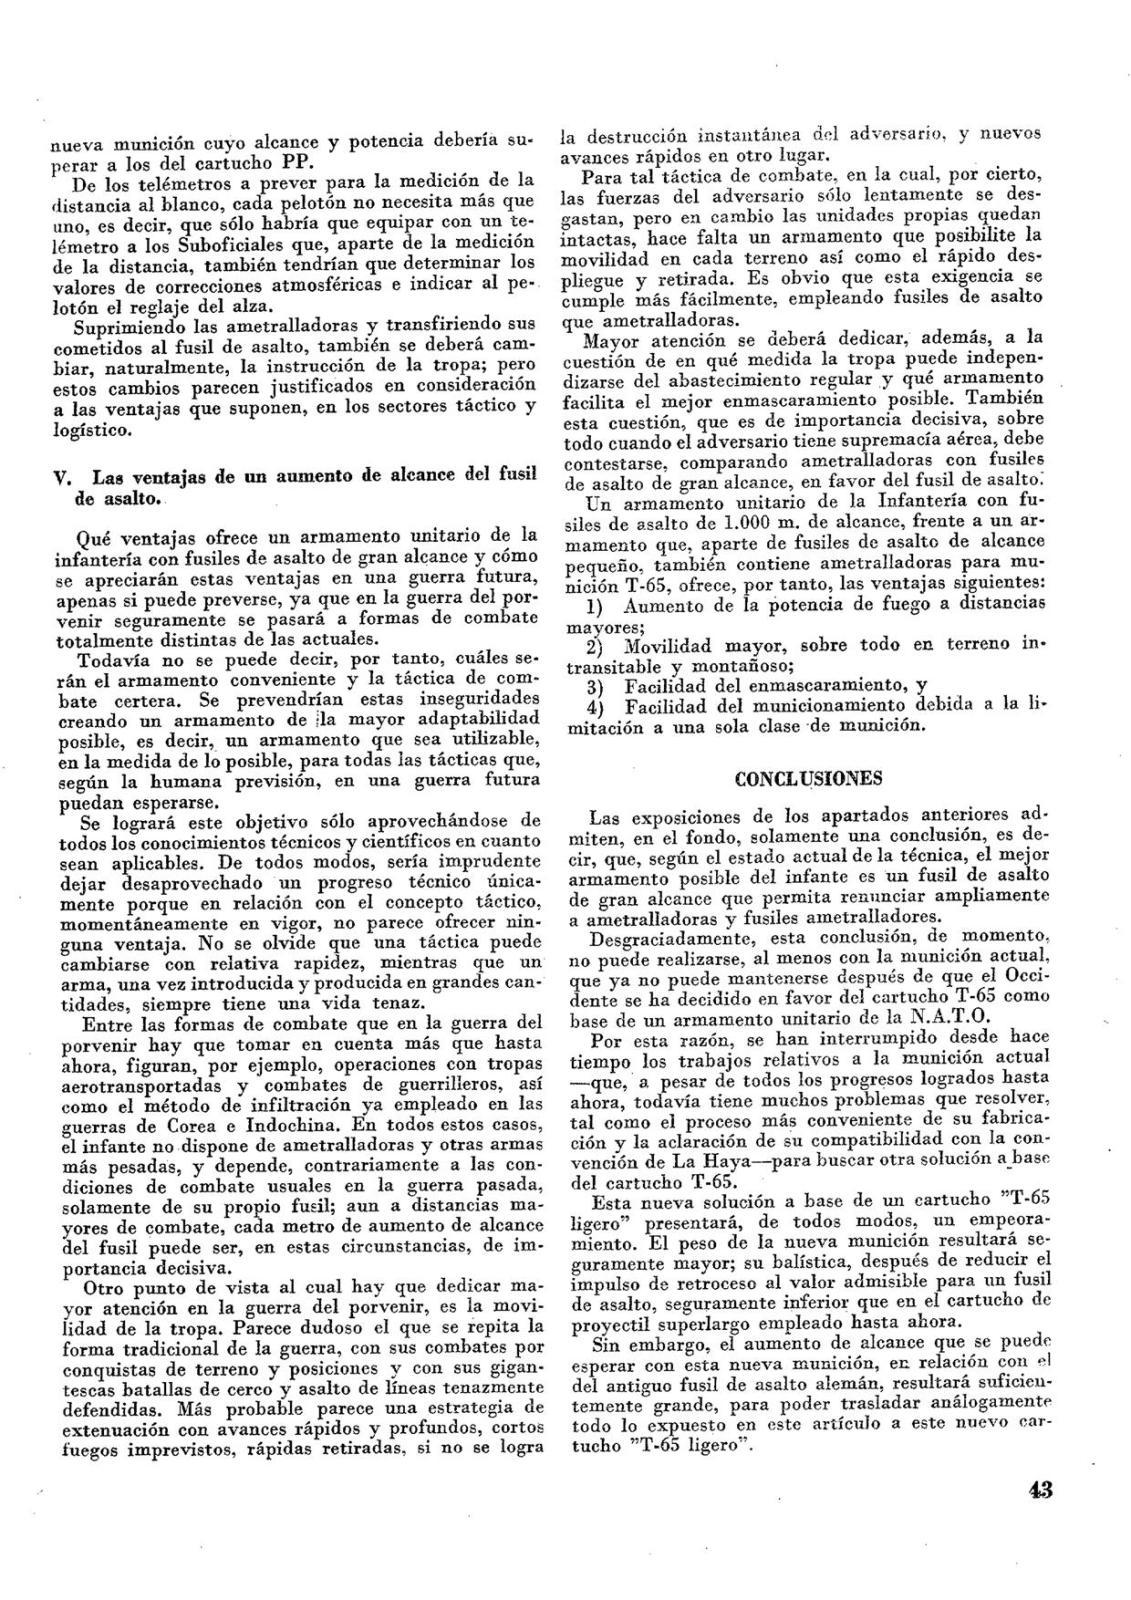 interesante articulo de GÜNTER VOSS Svsz61